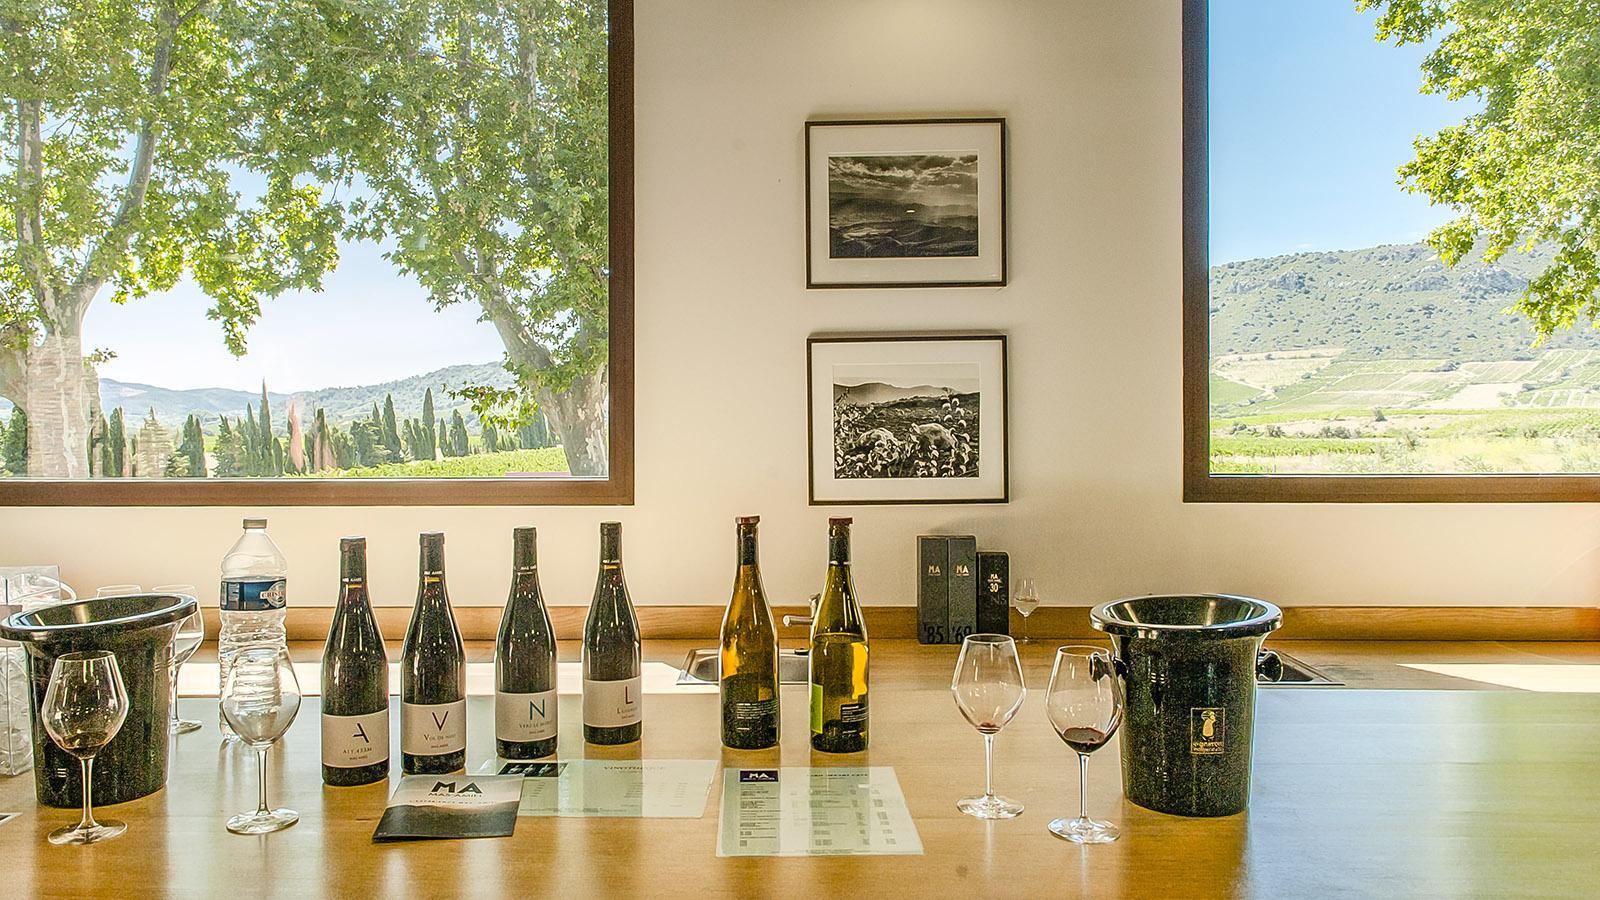 Der Verkostungsraum von Mas Amiel eröffnet weite Ausblicke auf die Weingärten im Agly-Tal. Foto: Hilke Maunder